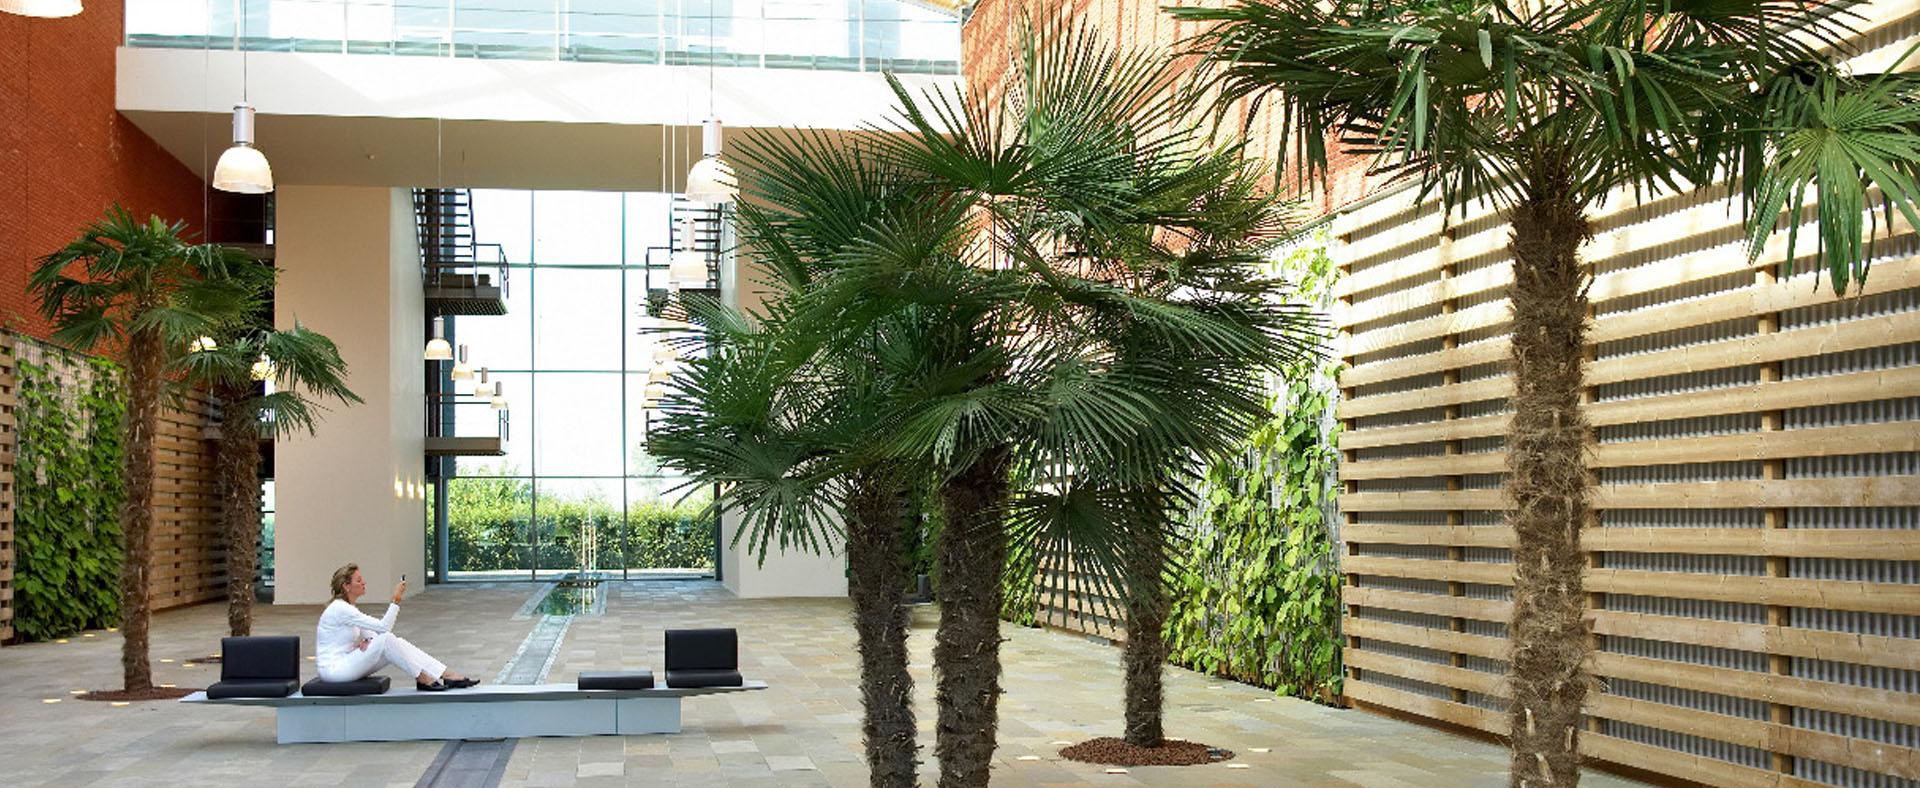 palmier en intérieur espace végétal